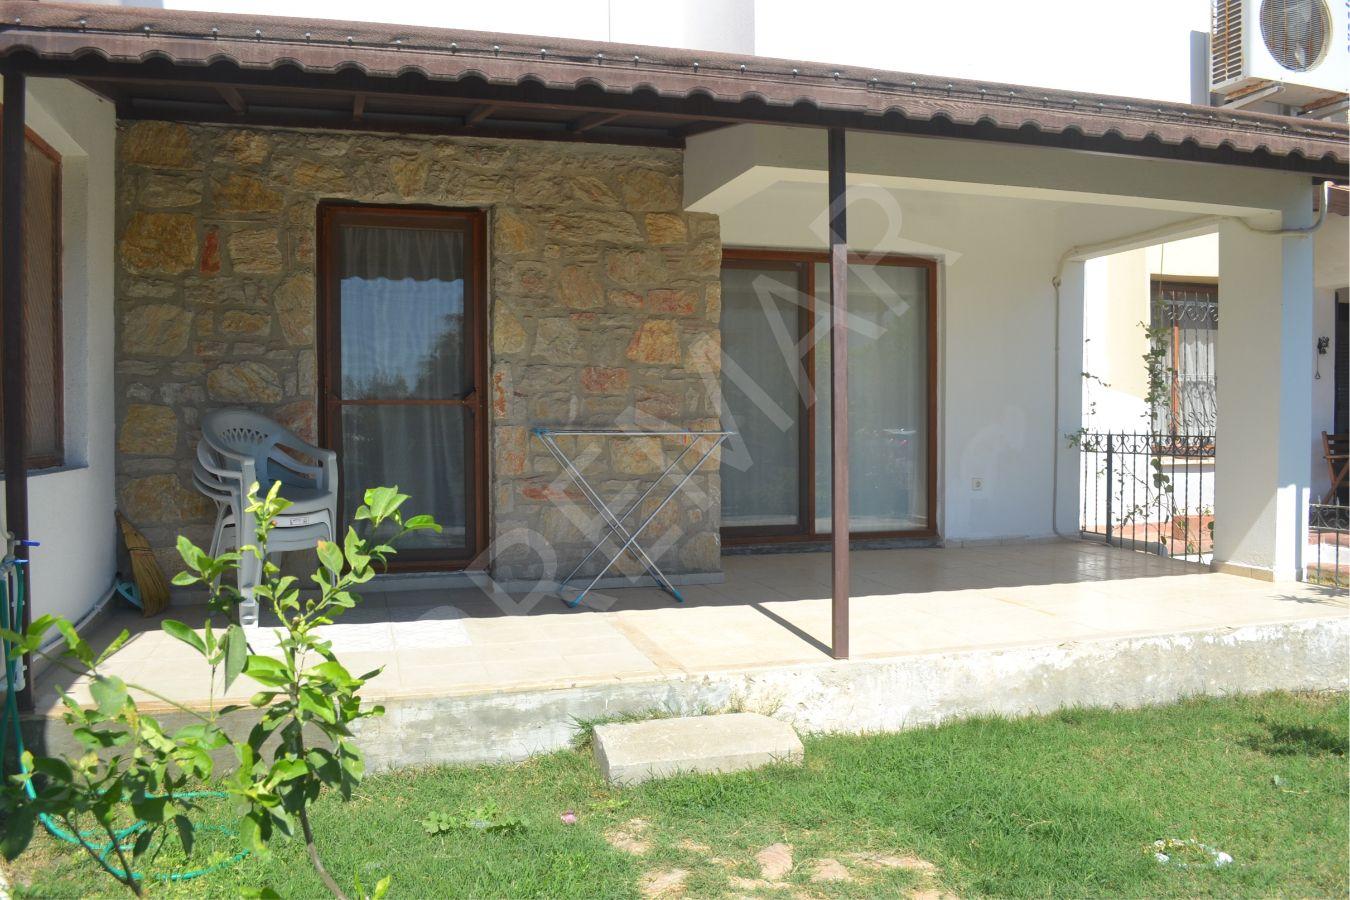 Premar Datça Denize 5 Dk Site İçerisinde Eşyalı Bahçeli Daire